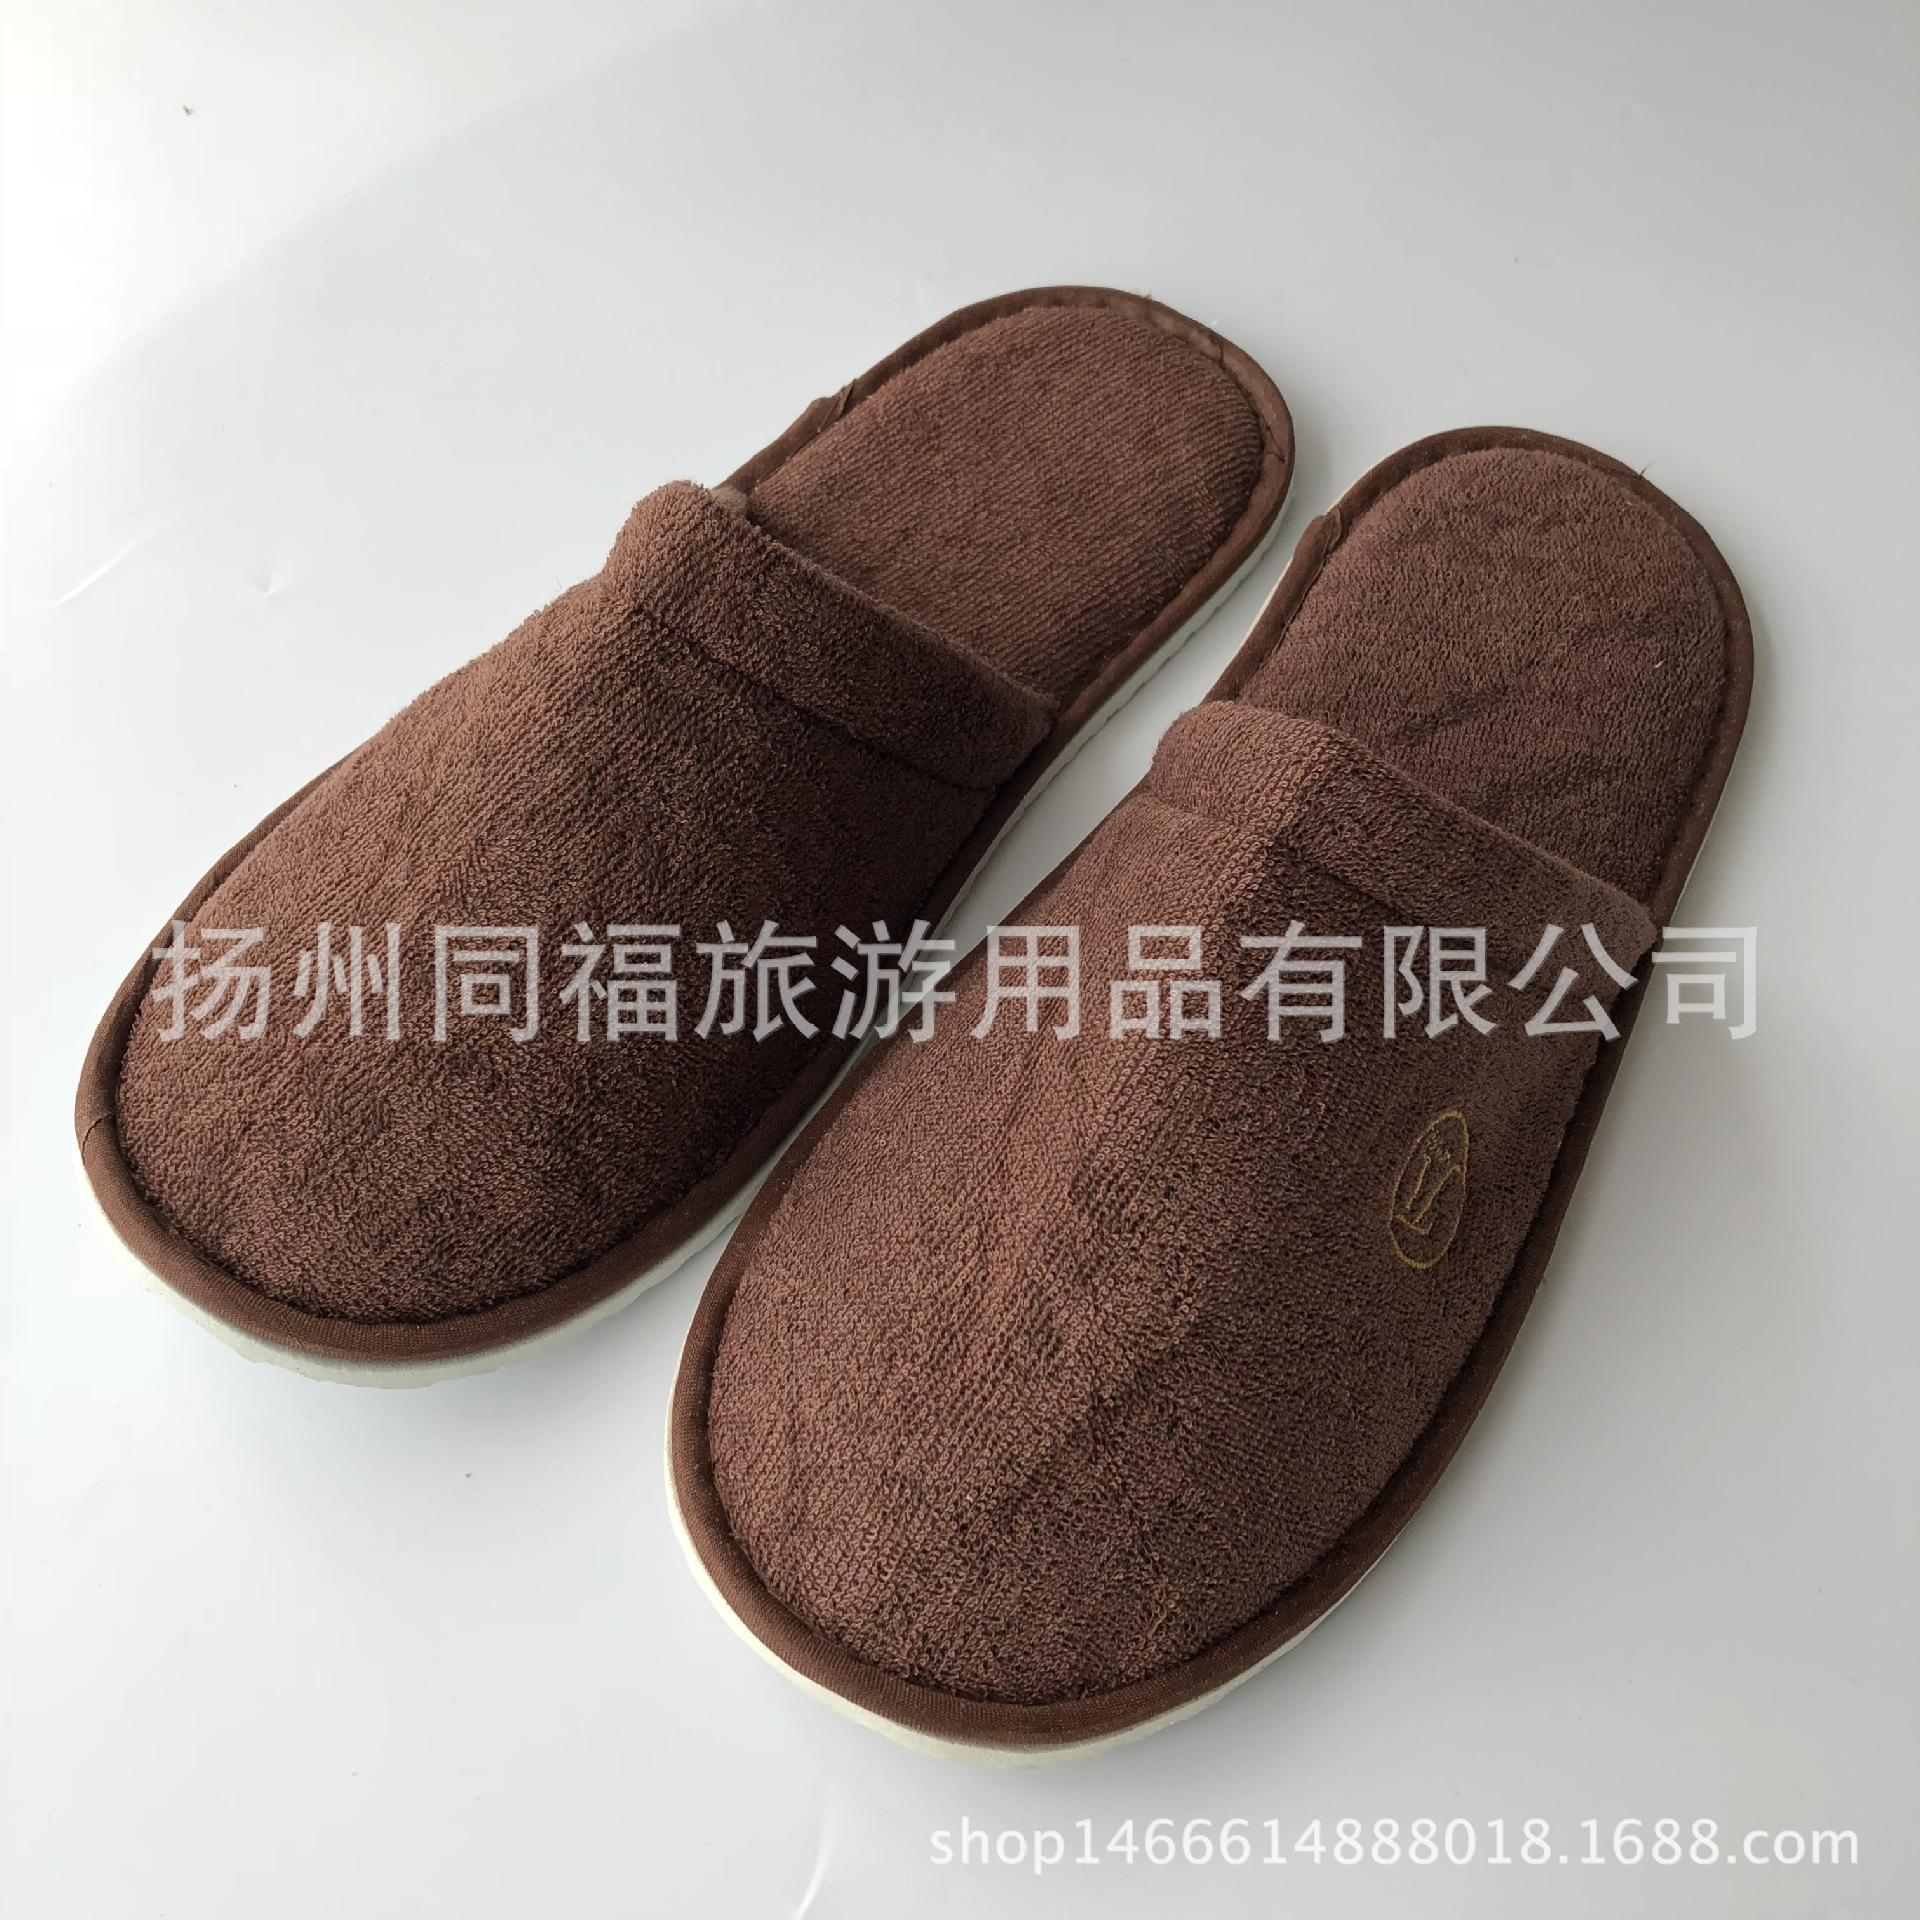 酒店用品酒店一次性拖鞋宾馆客房全季毛巾布拖鞋厂家直销可订制